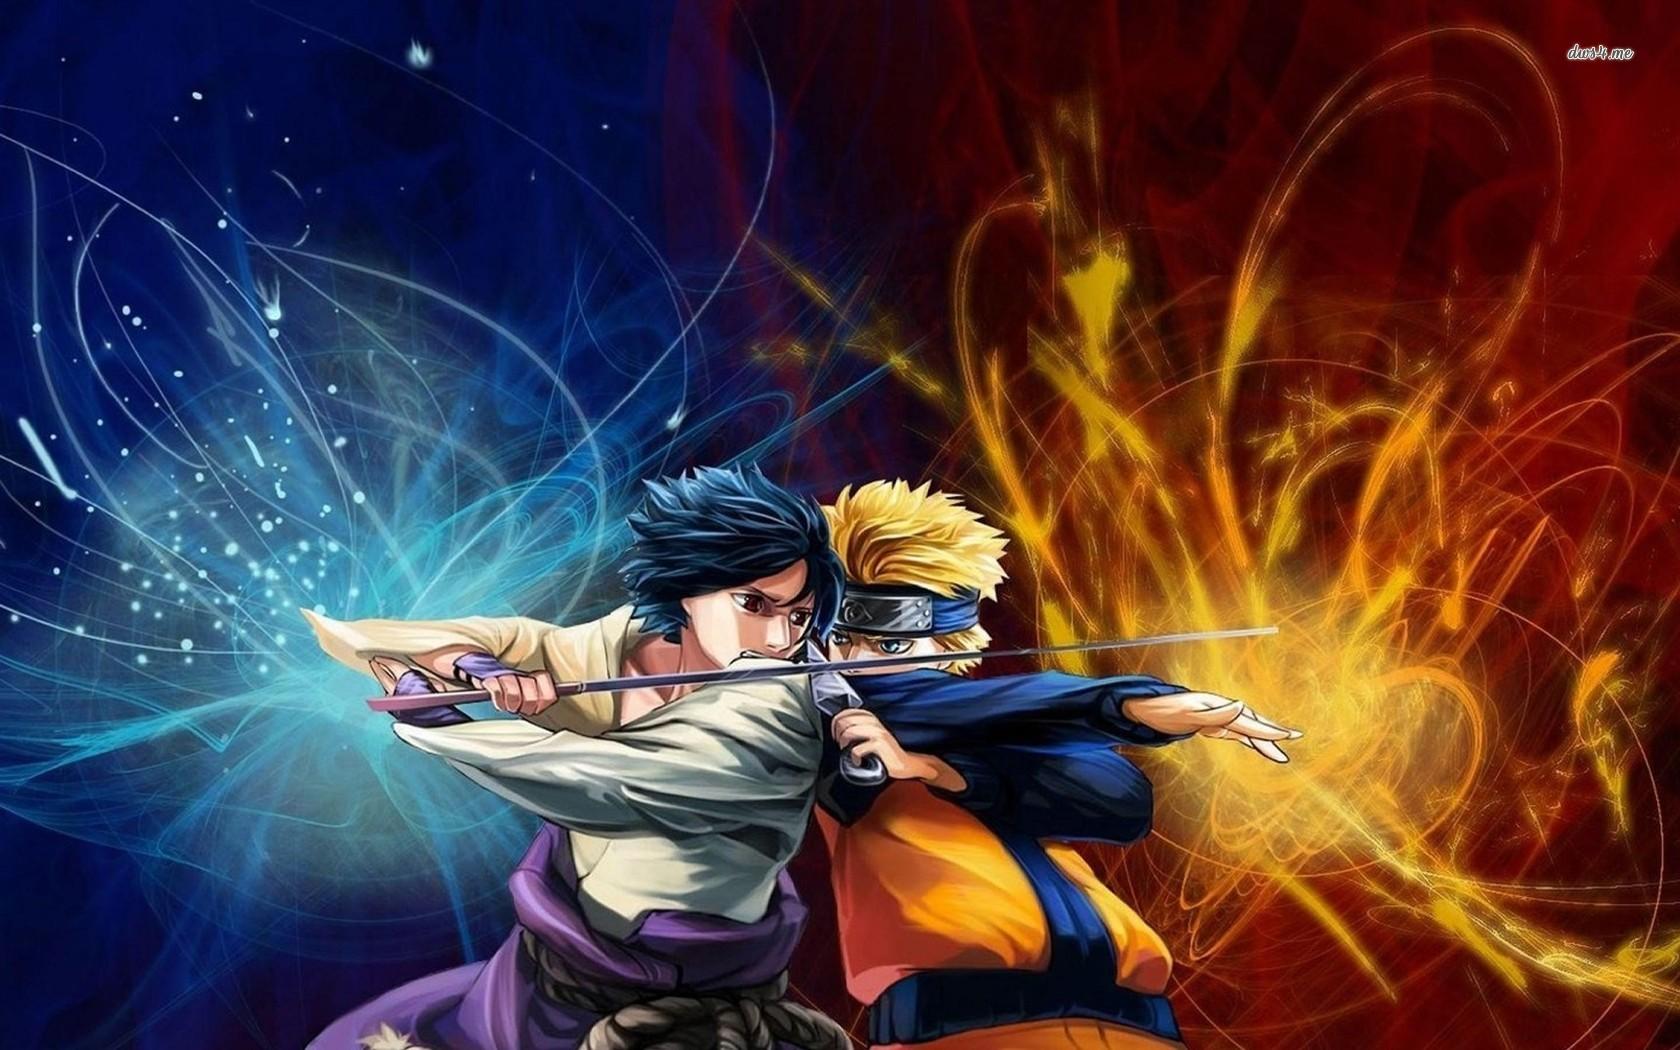 Naruto Vs Sasuke Wallpaper Shippuden Page 1